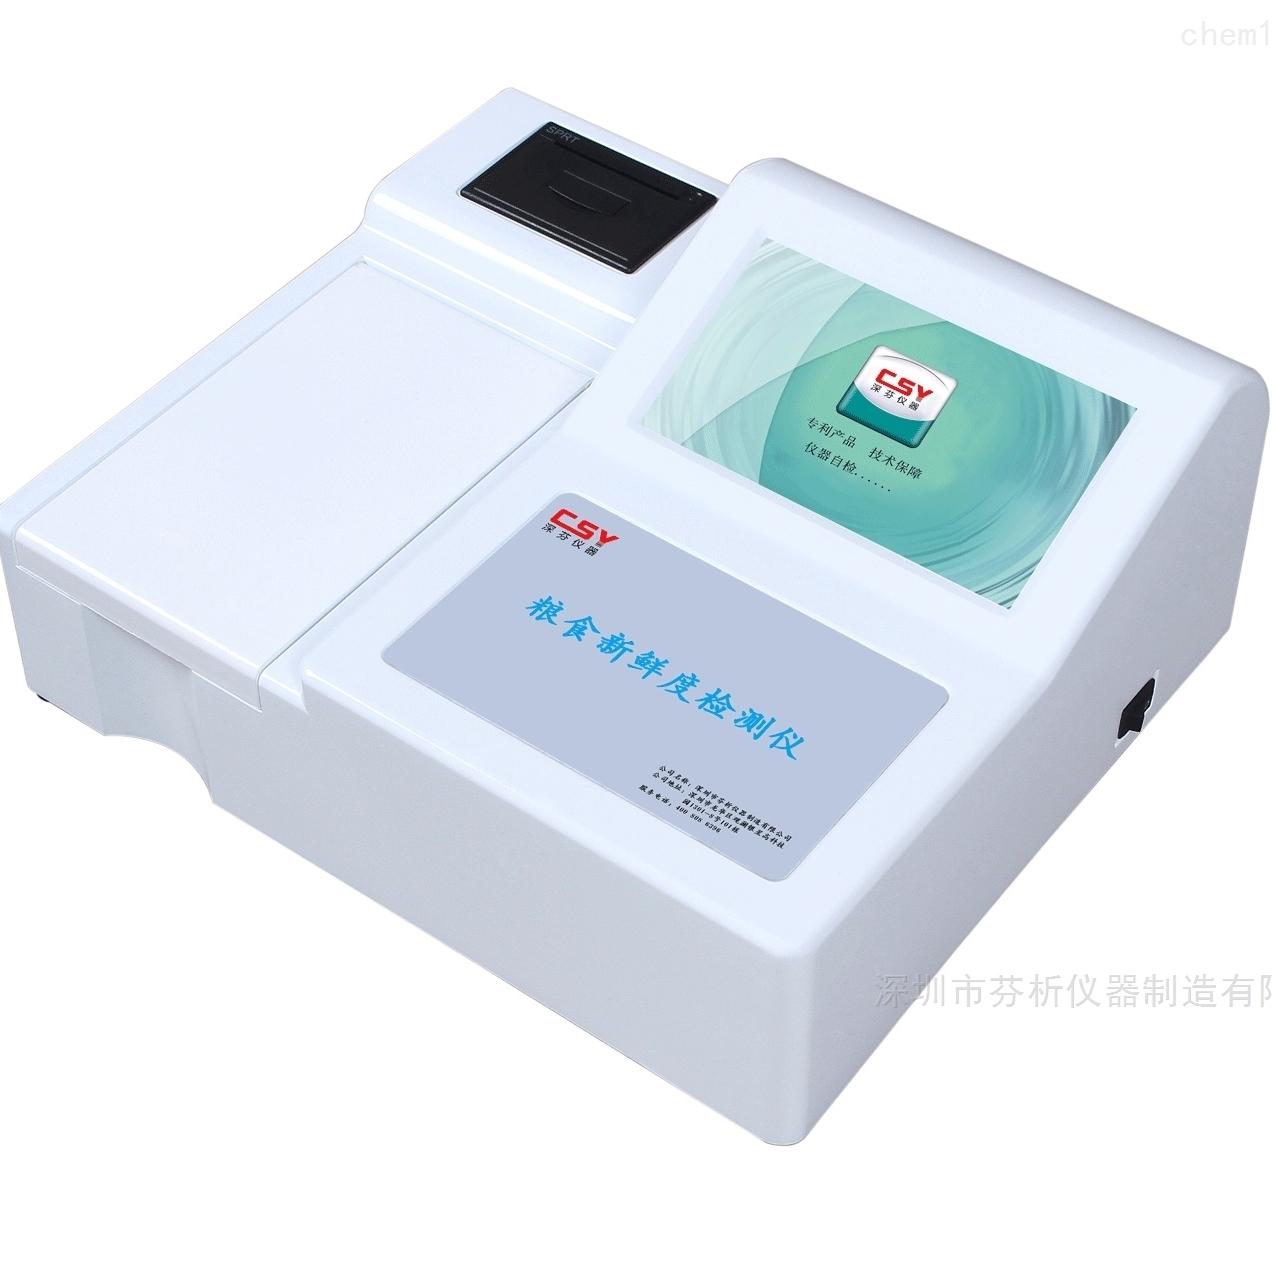 CSY-SLX稻谷新鲜度快速测试仪